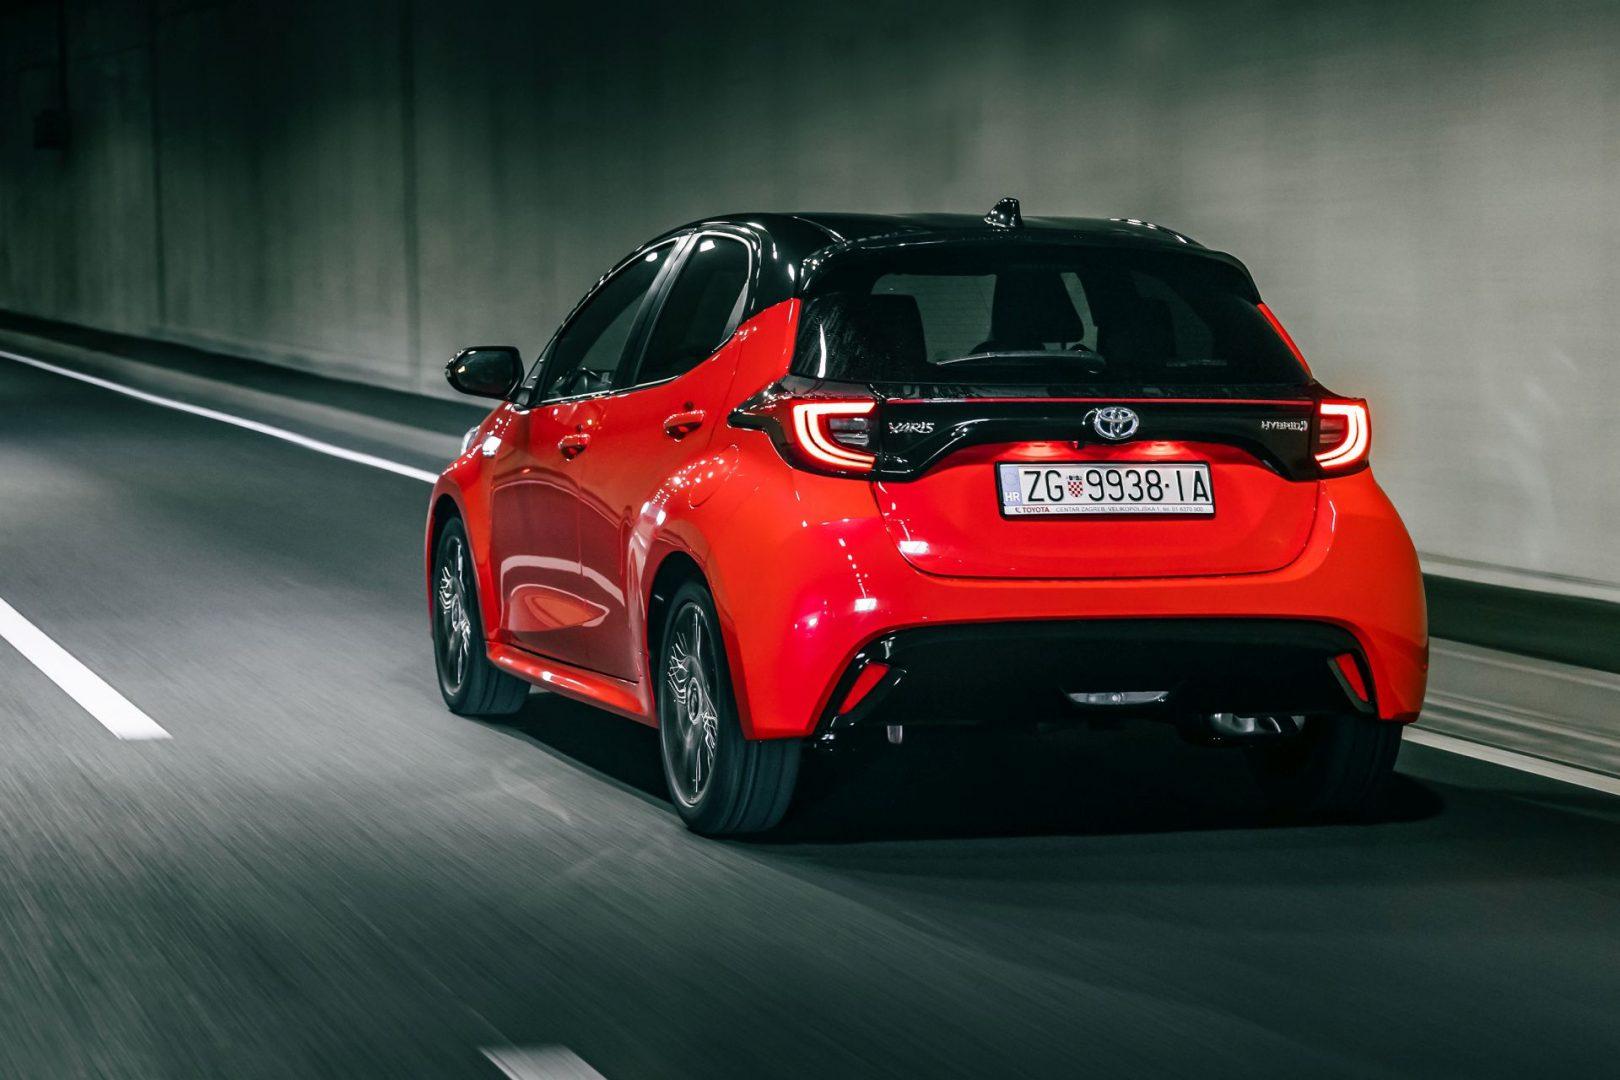 Hrvatski automobil za 2021. godinu je nova Toyota Yaris